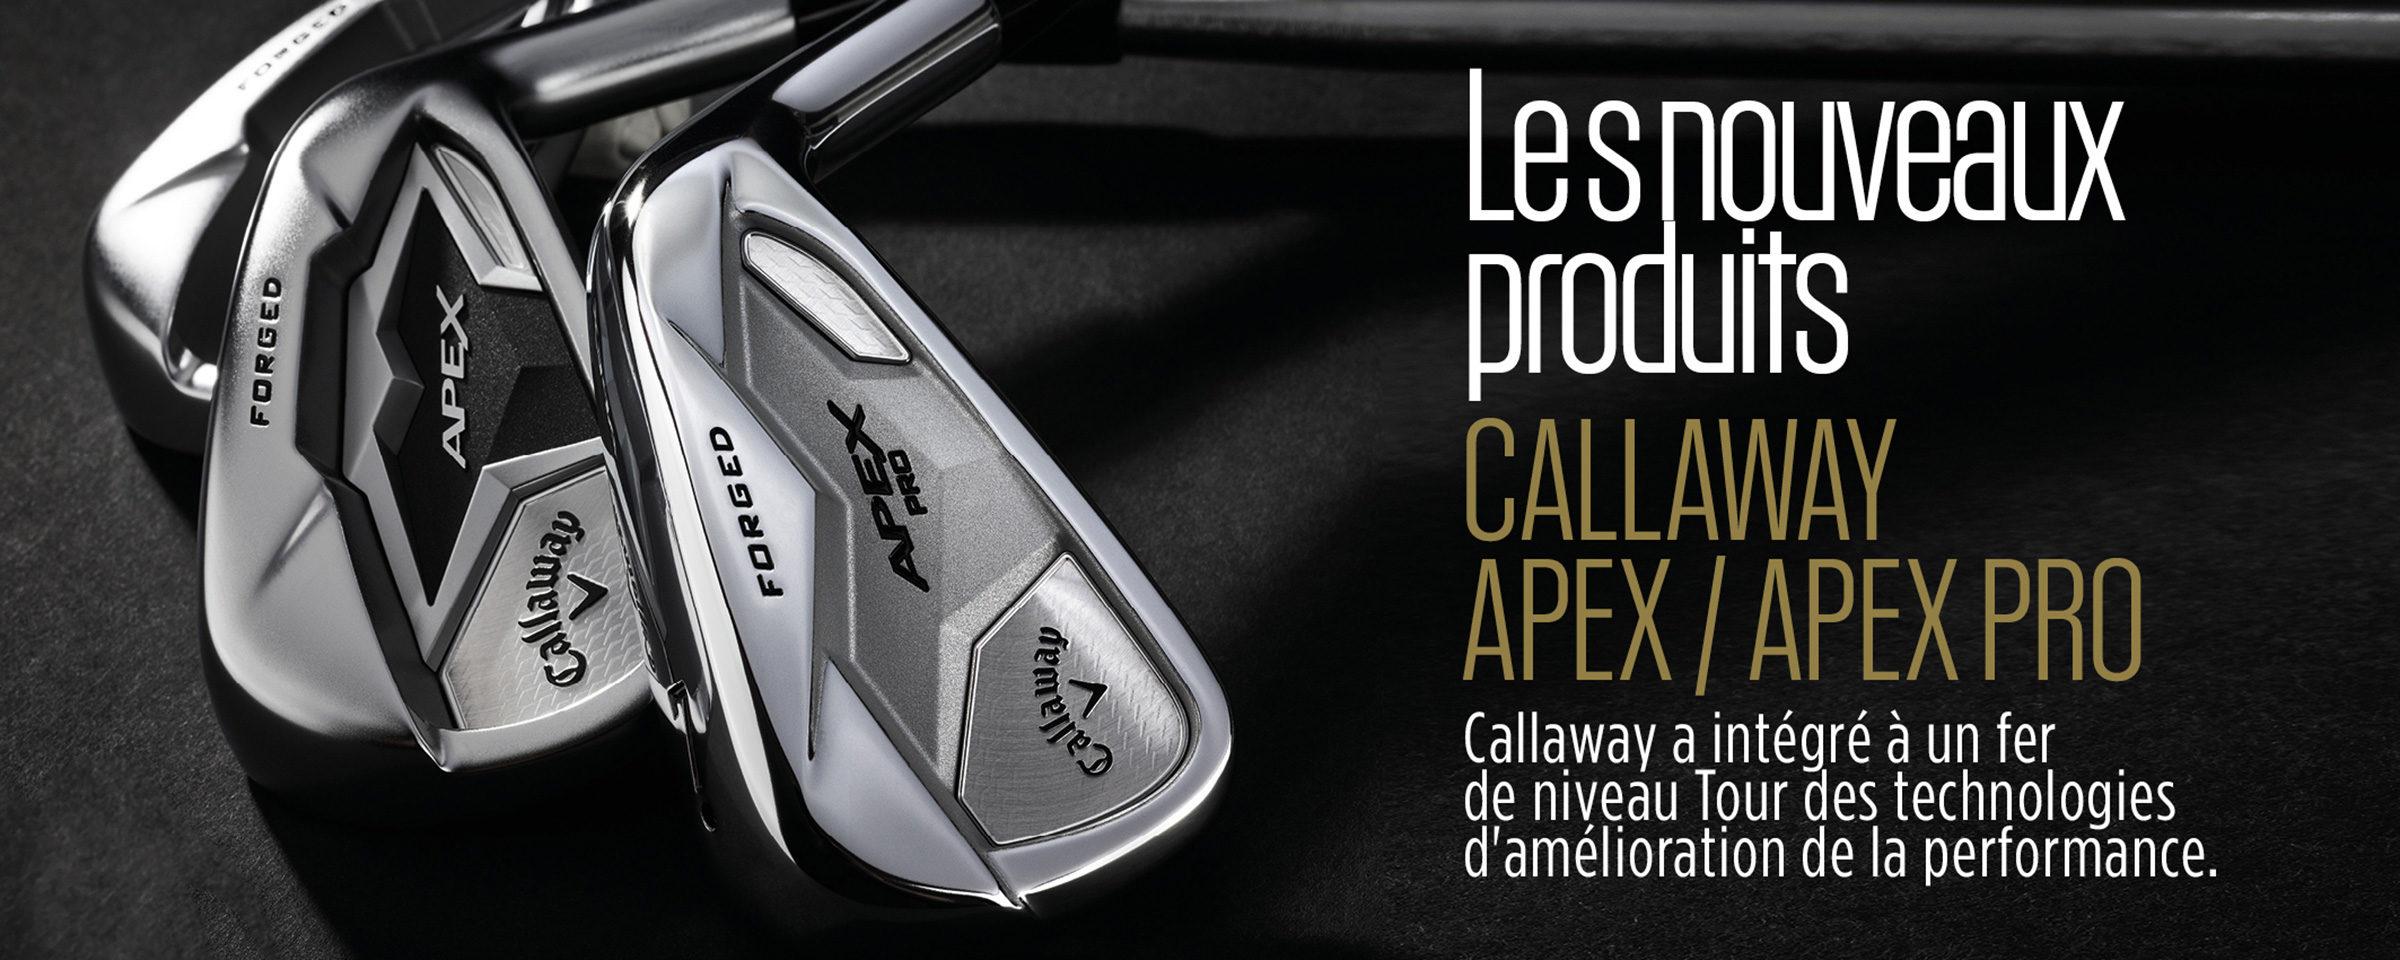 Callaway Apex et Apex Pro